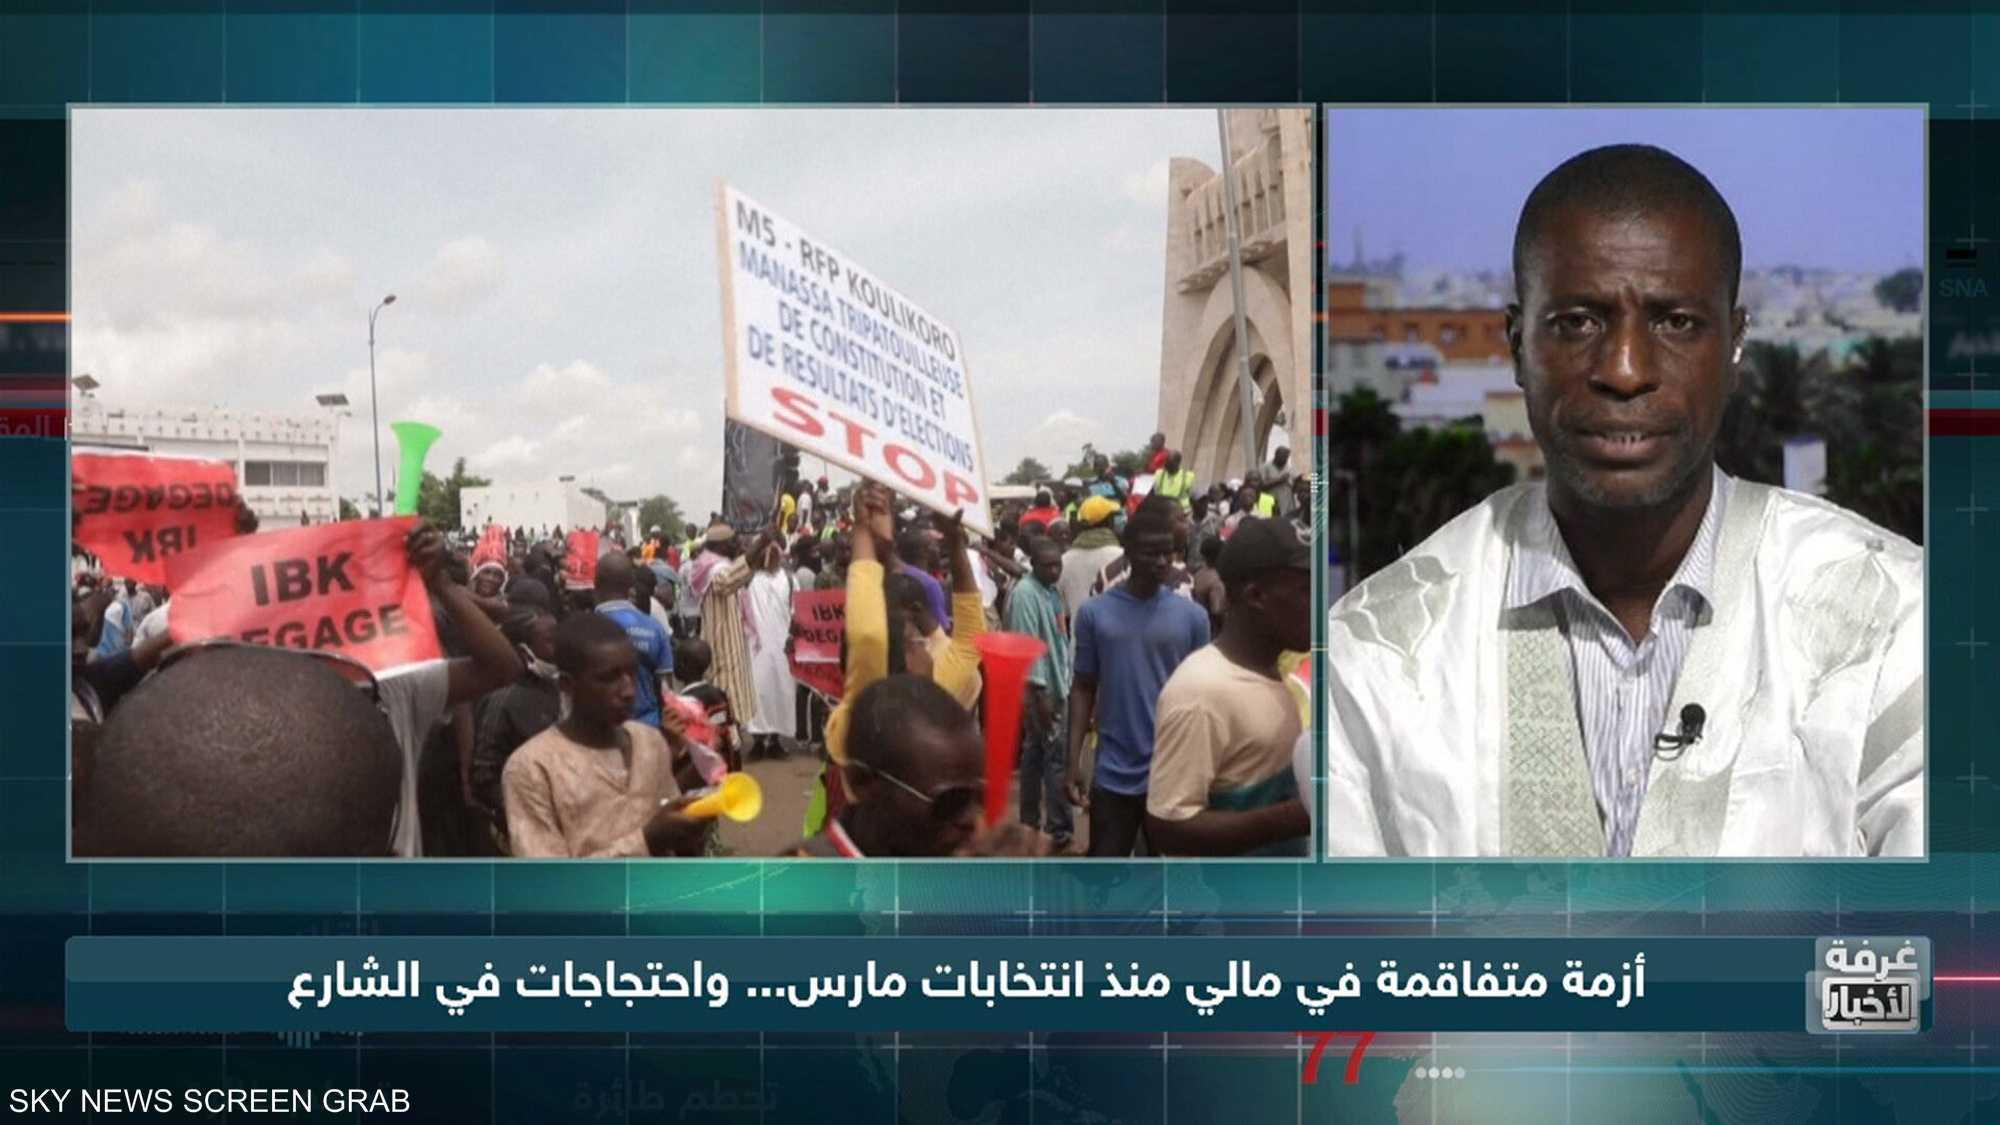 أزمة متفاقمة في مالي منذ انتخابات مارس.. واحتجاجات في الشارع